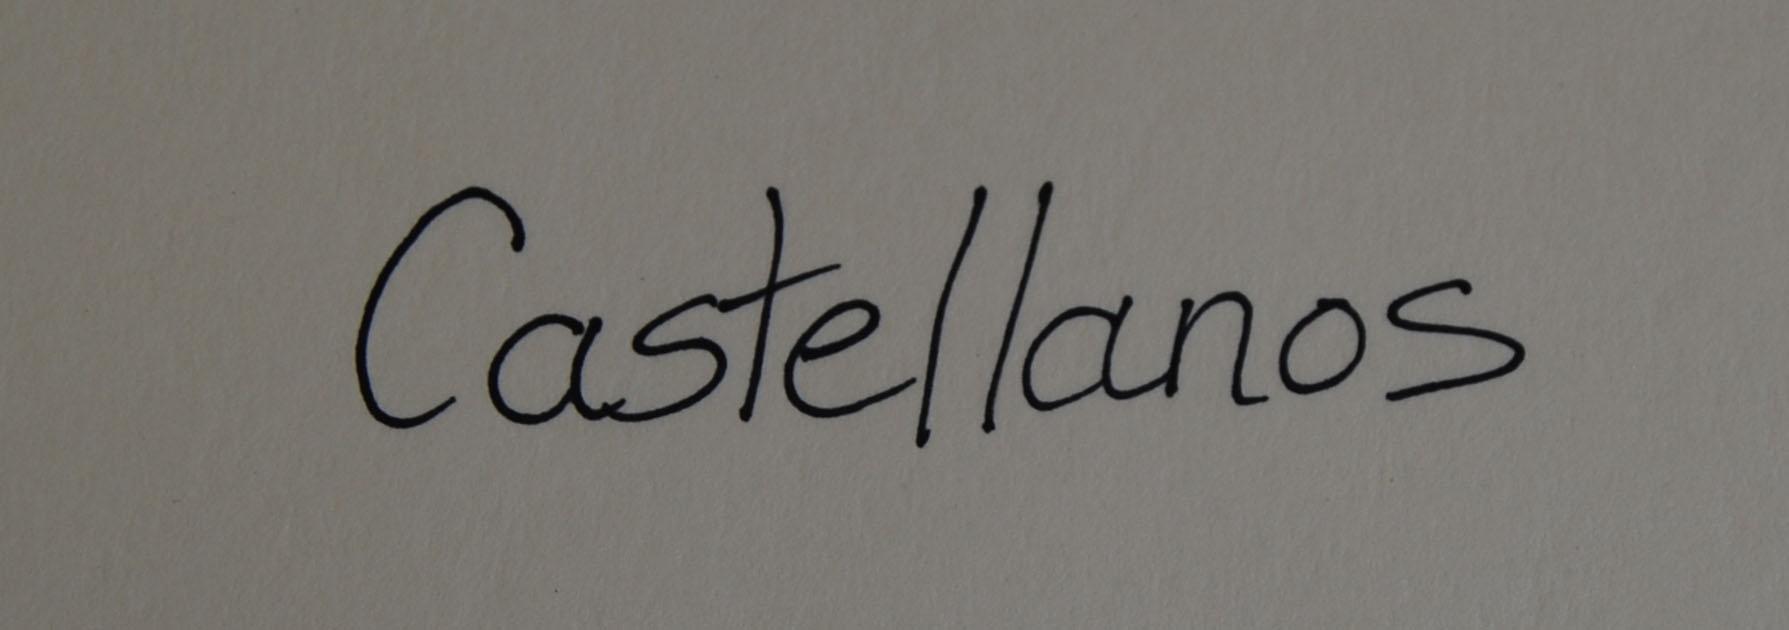 Teresa Castellanos Signature